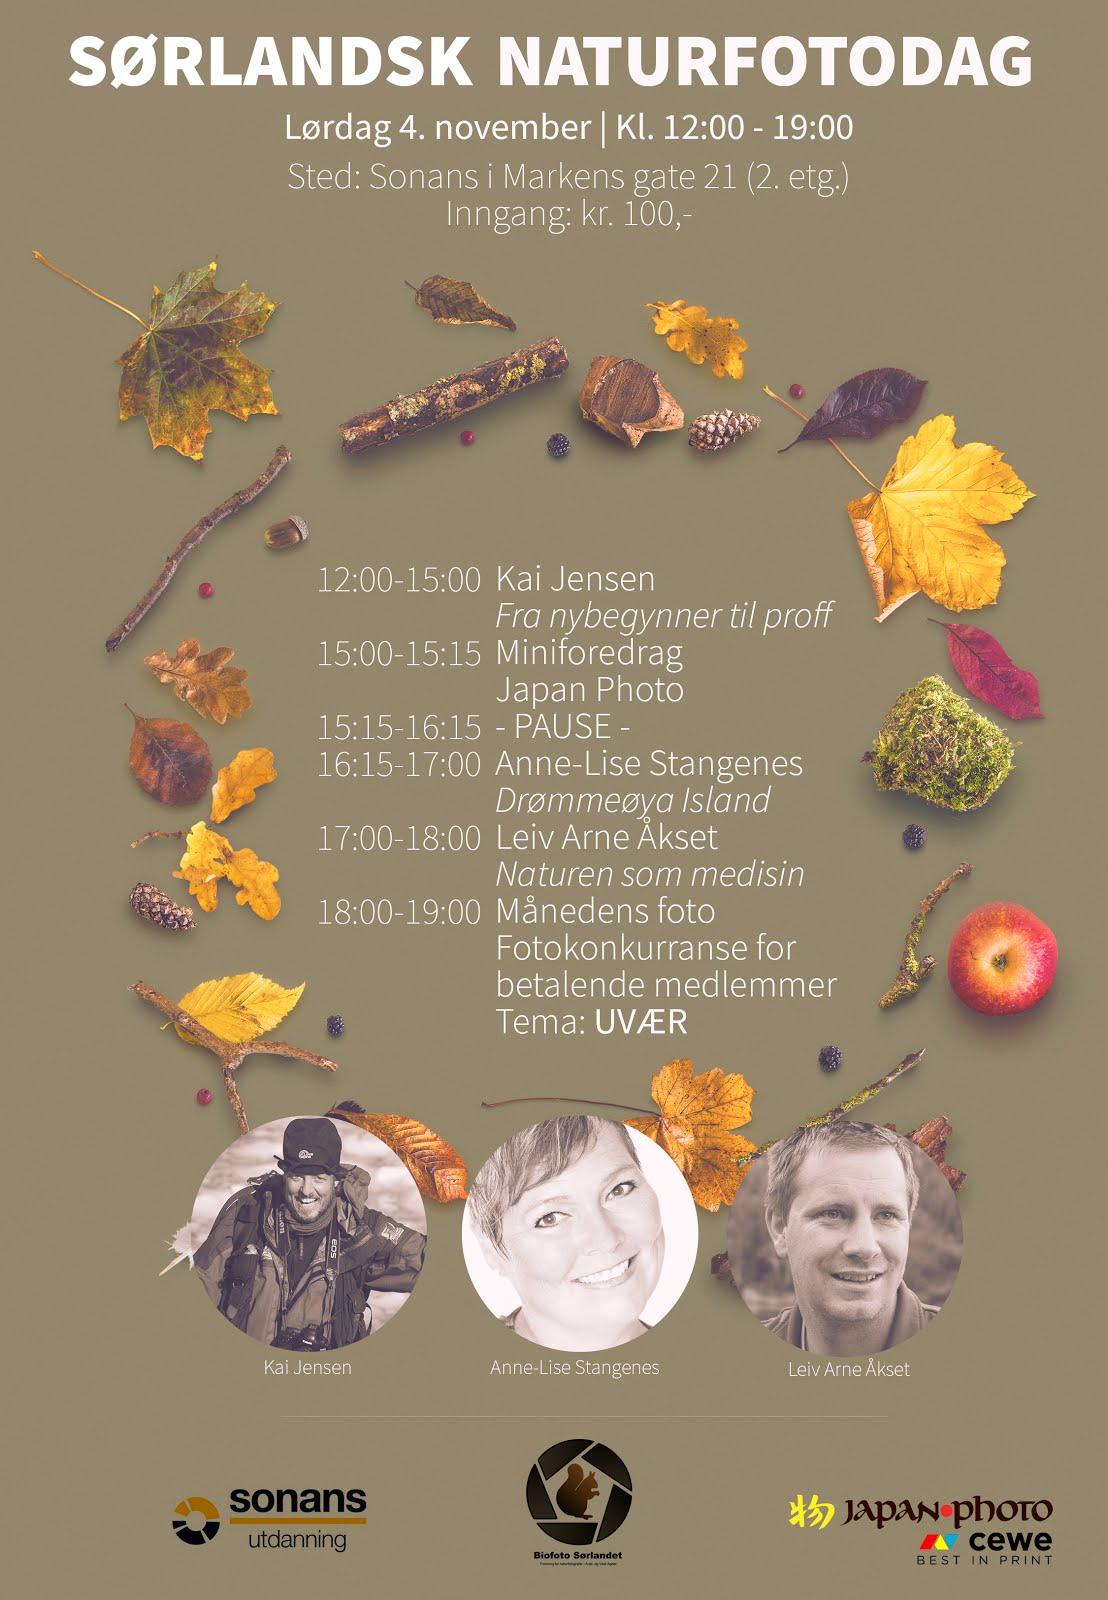 BioFoto Sørlandet inviterer til Sørlandsk naturfotodag